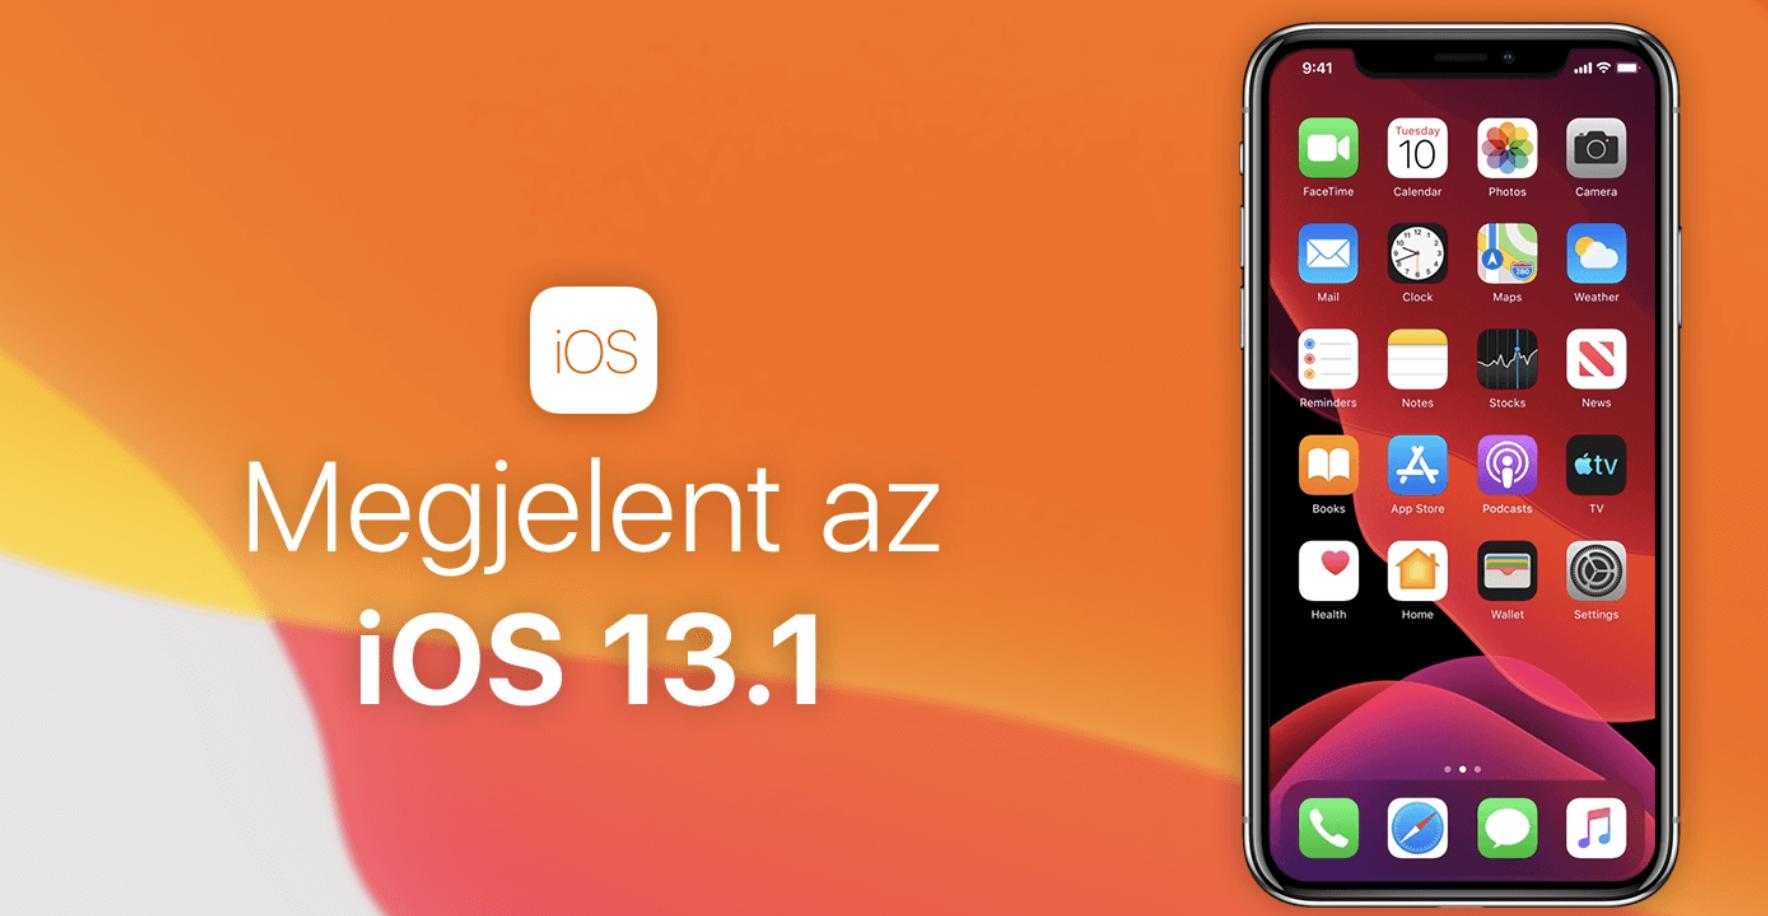 Megérkezett az iOS 13.1 - A letöltés mindenkinek ajánlott